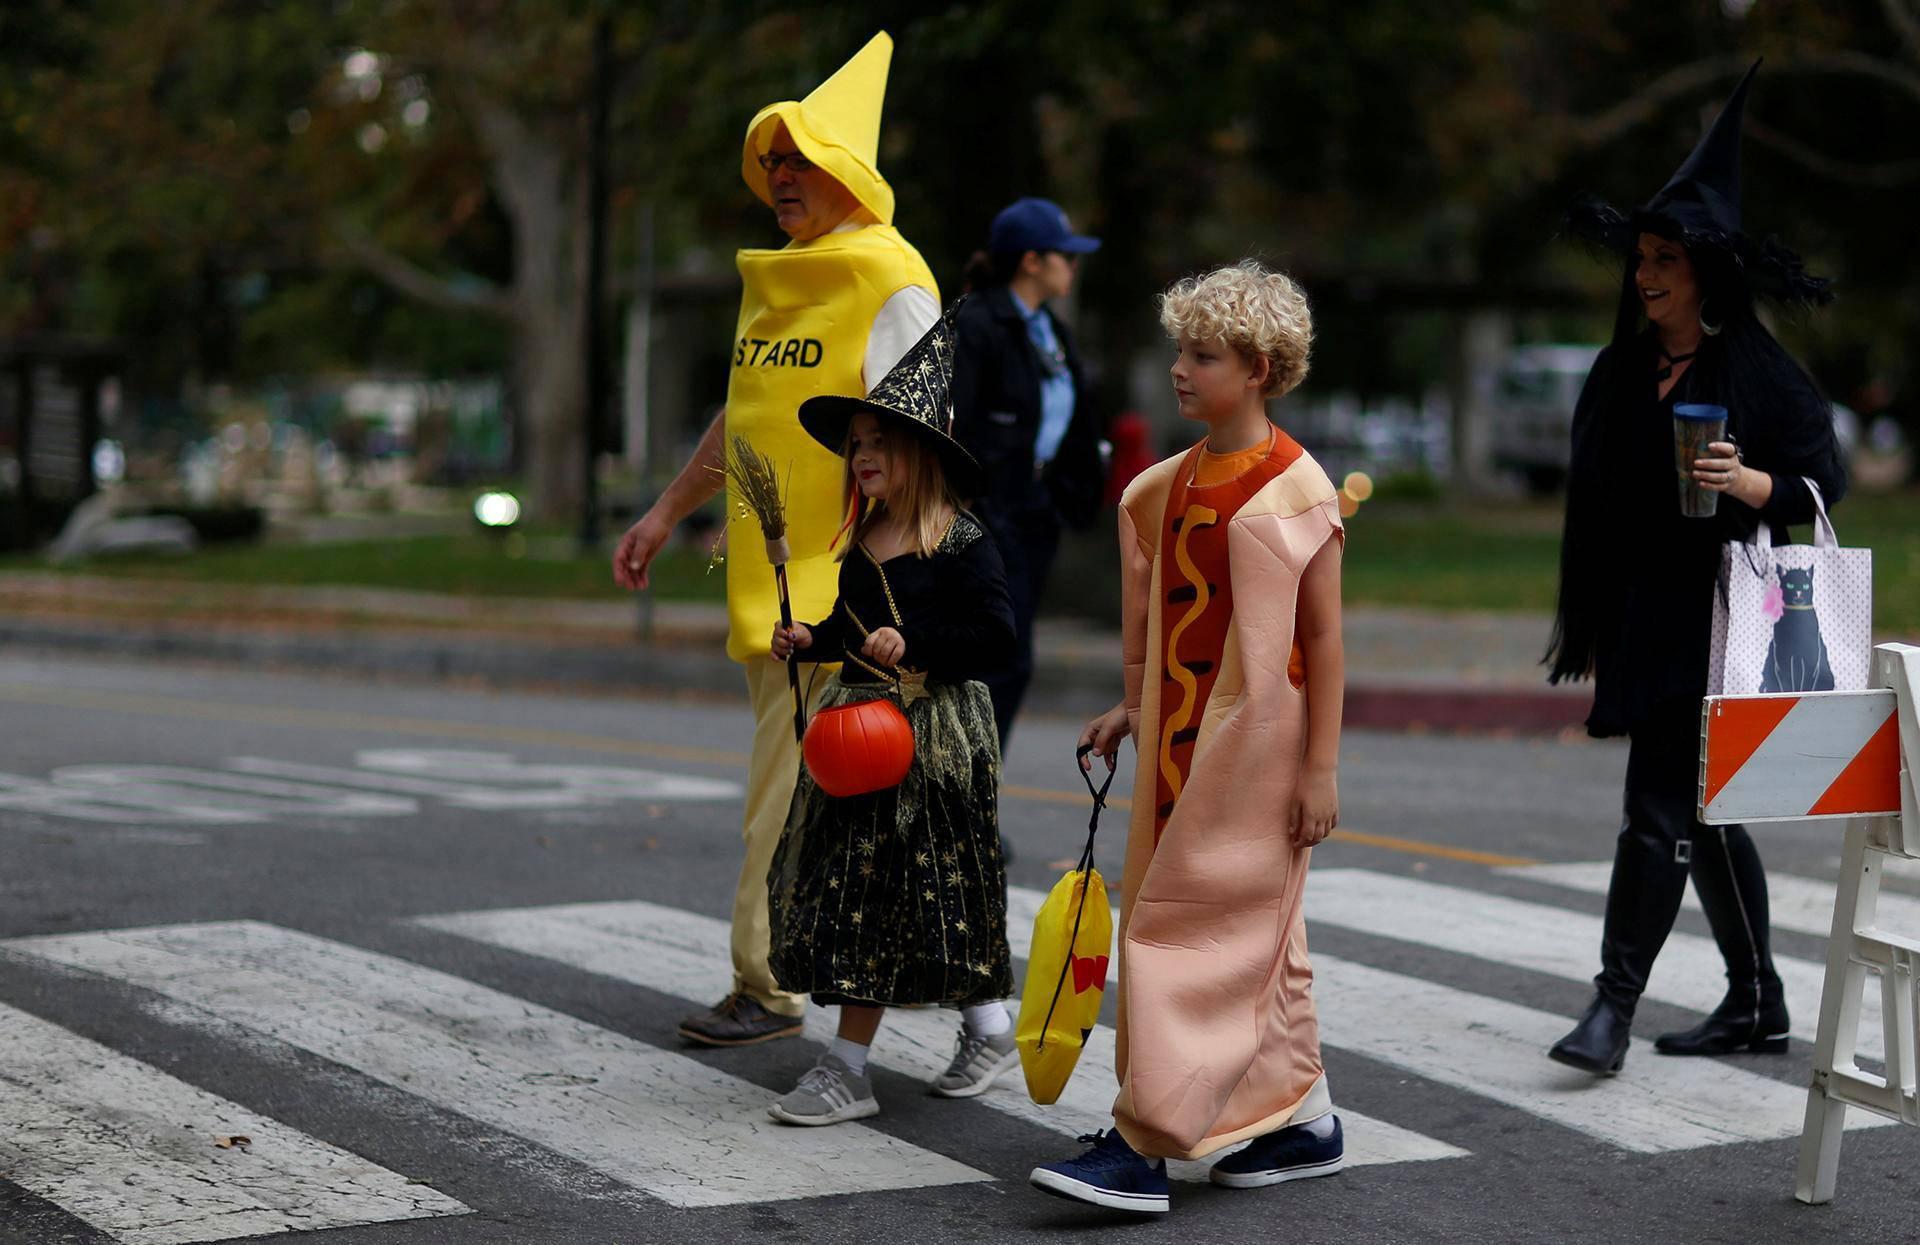 Noidaksi, sinappipulloksi ja nakkisämpyläksi pukeutuneet jalankulkijat keräsivät herkkuja Sierra Madressa Kaliforniassa.